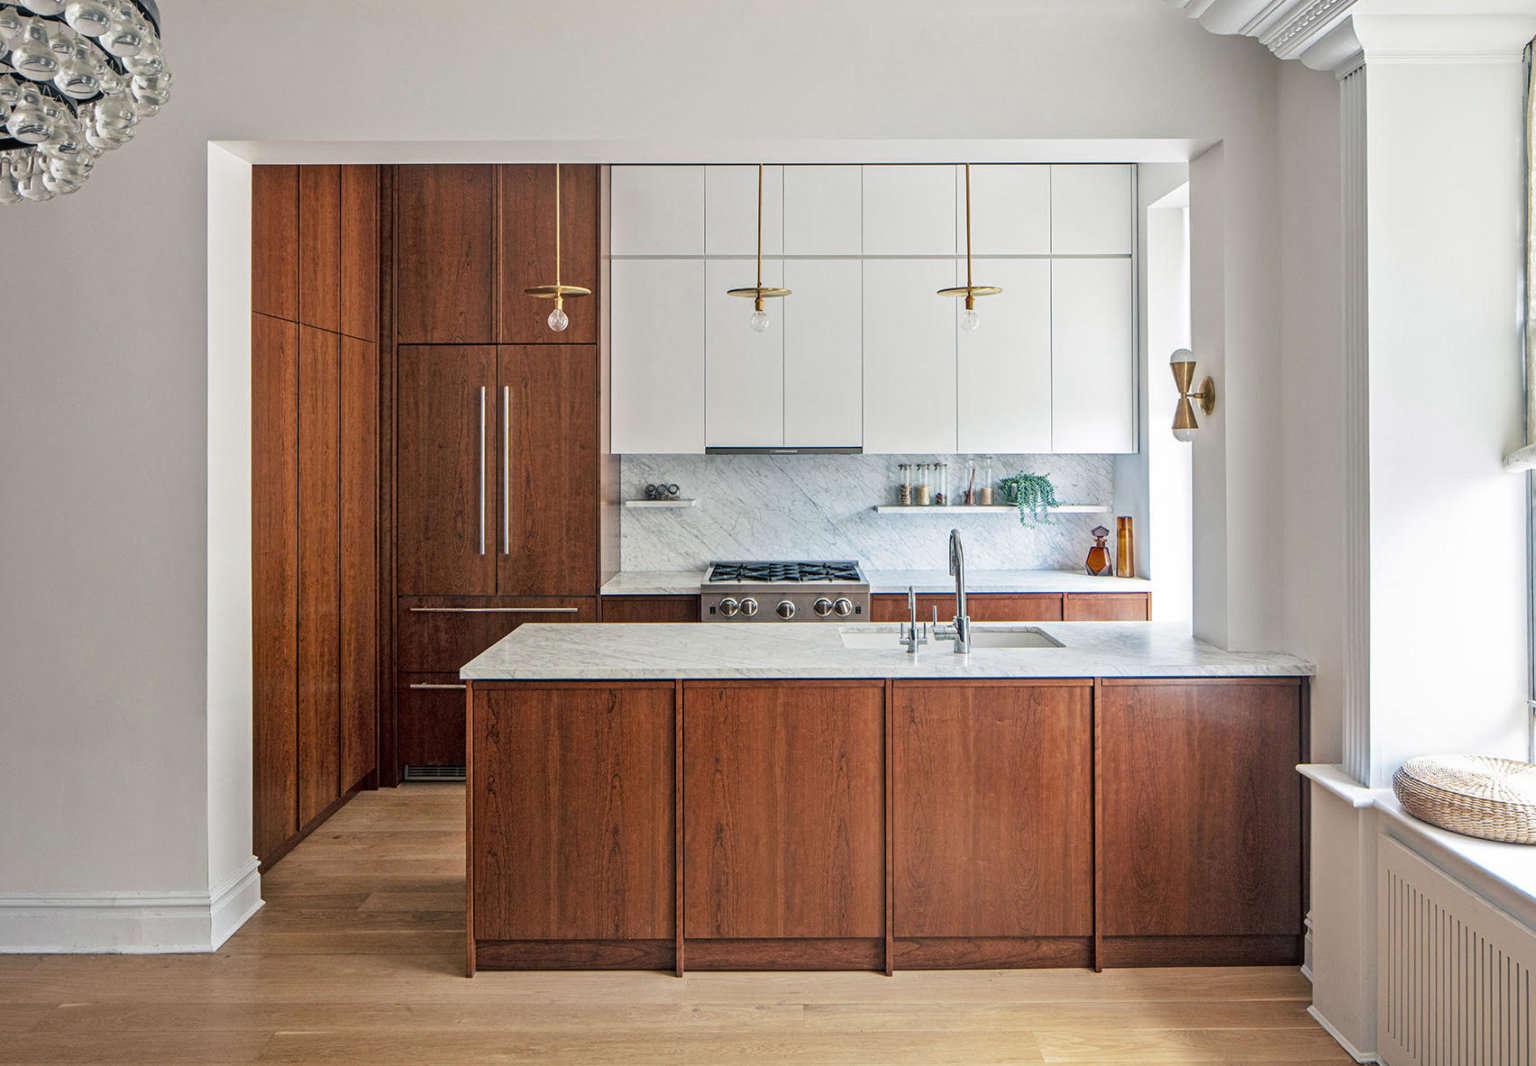 nyc galley kitchen lauren wegel design photo ed hueber arch photo 1 1536x1066